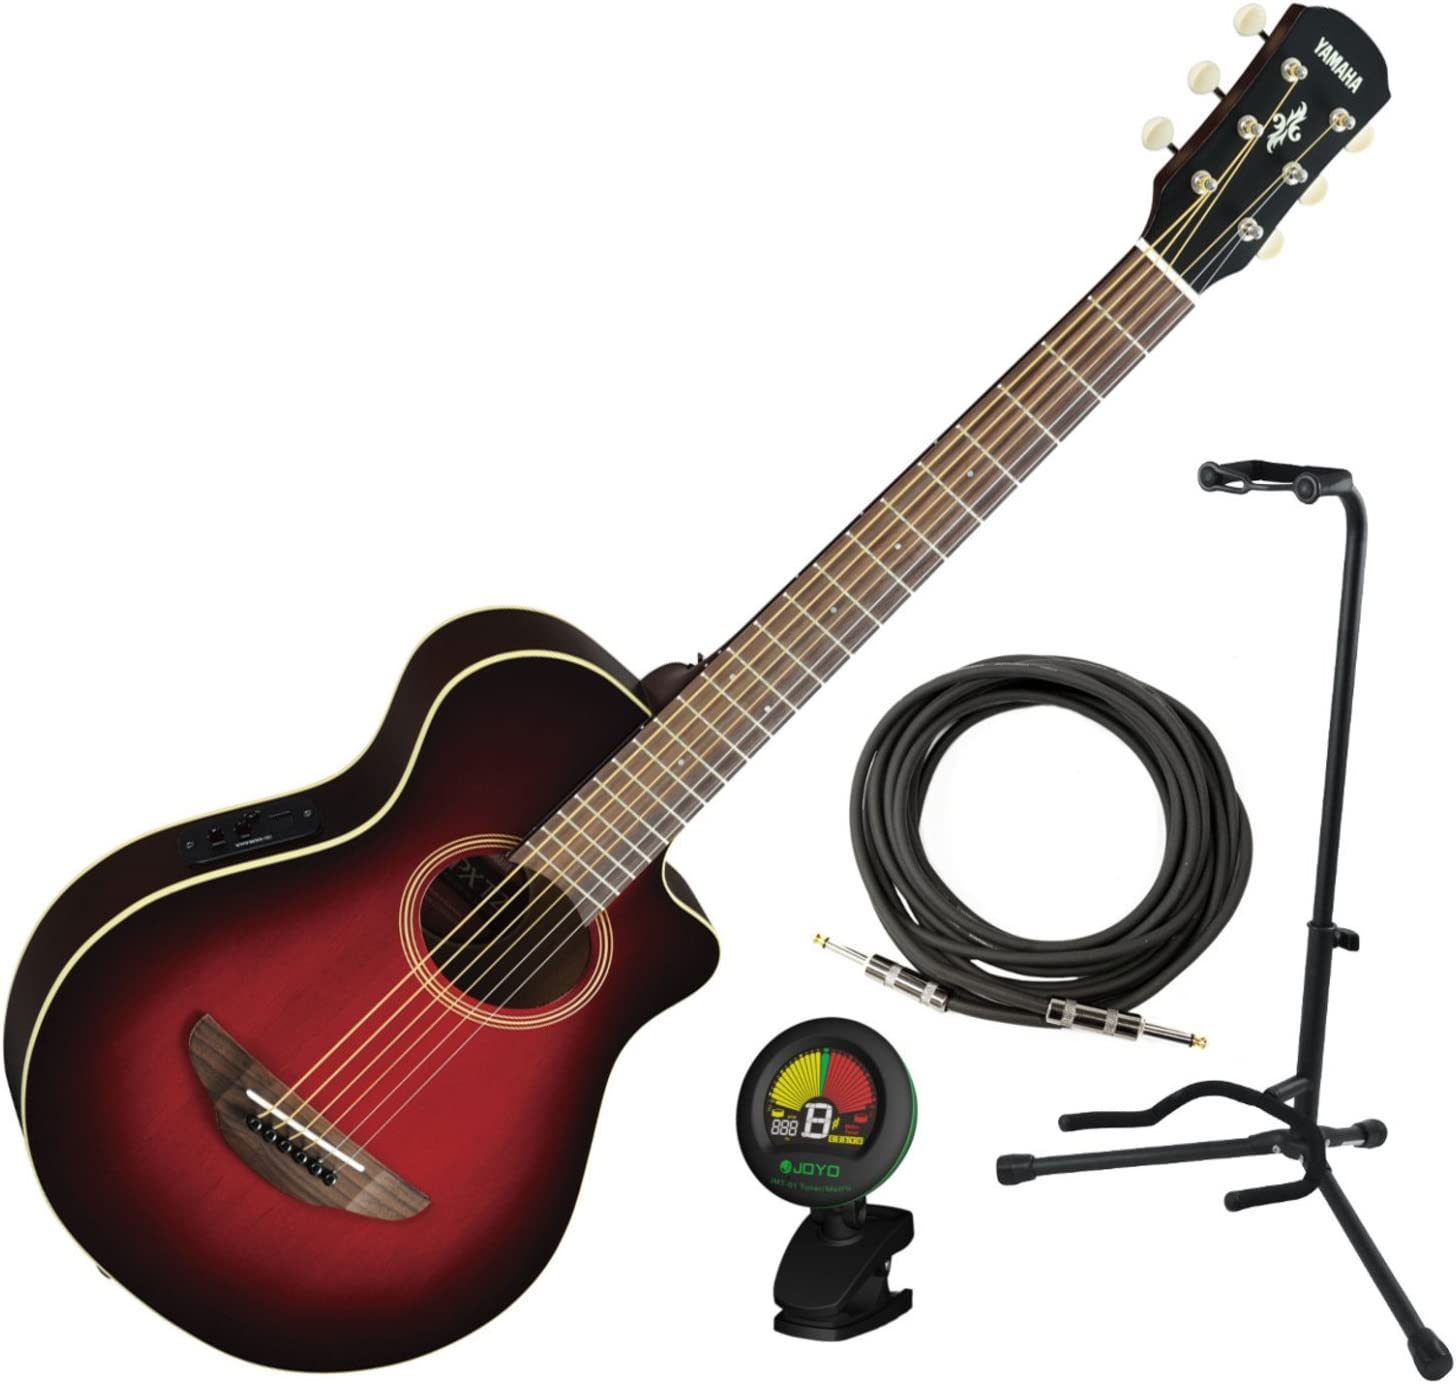 Yamaha APXT2 Guitarra eléctrica DRB 3/4 acústica escala rojo ...